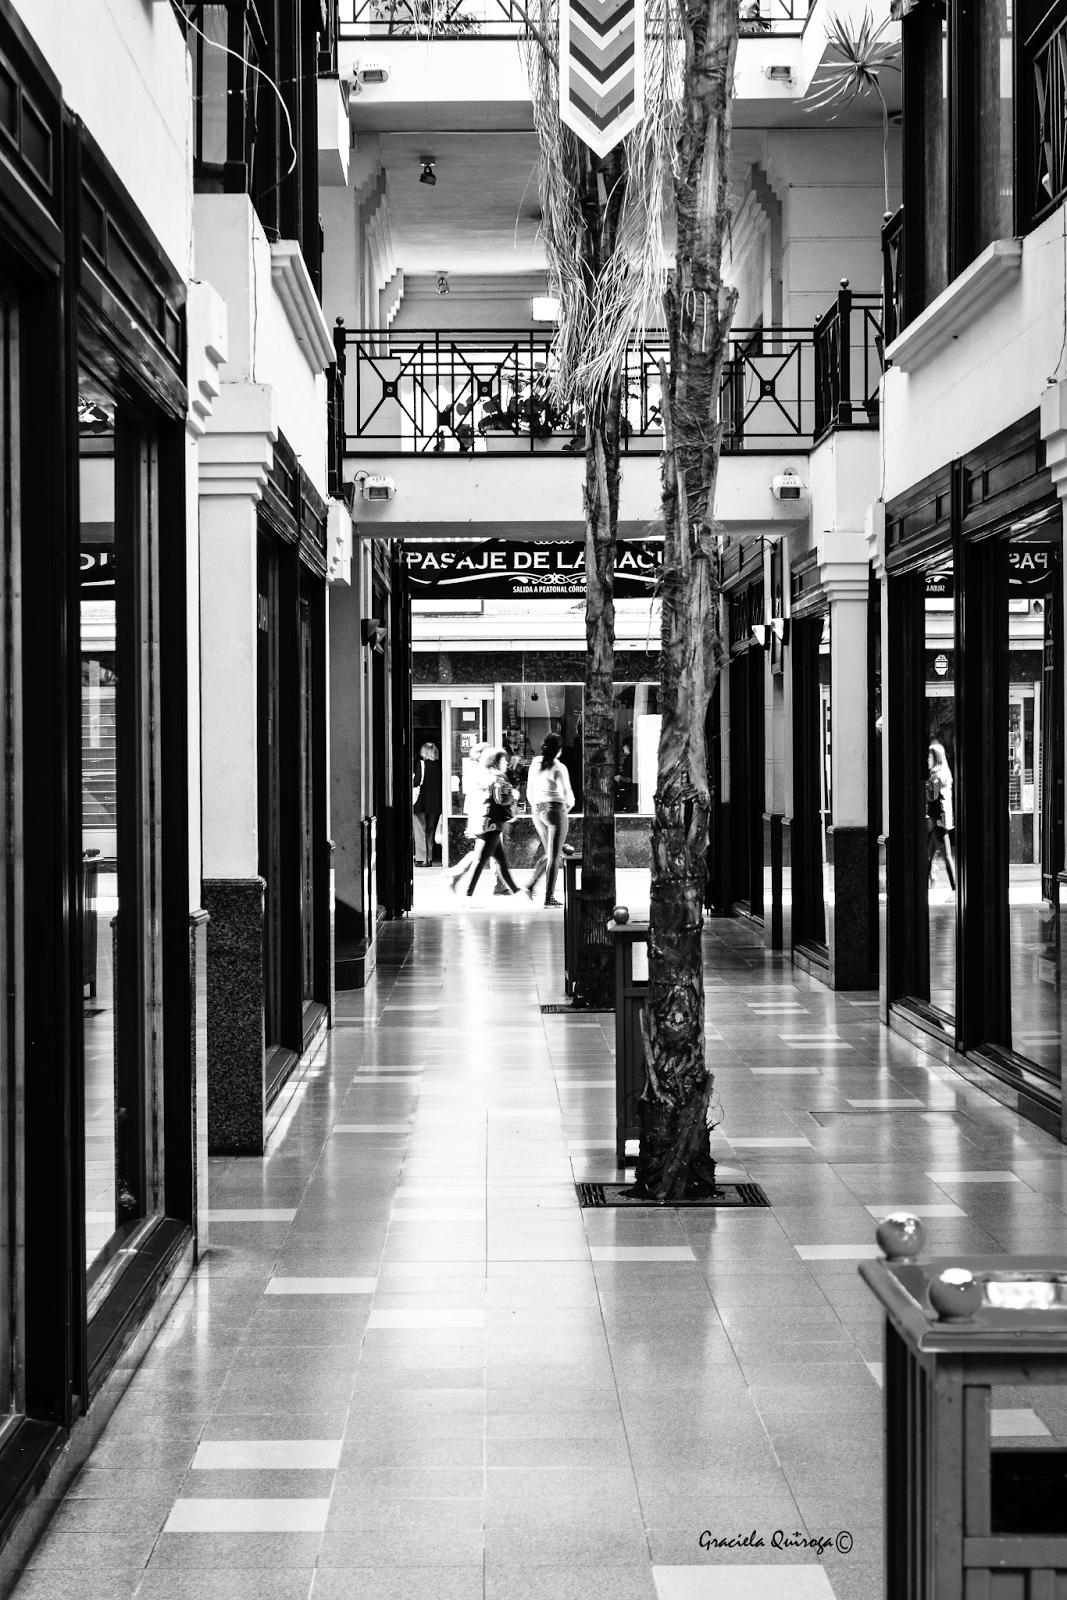 Fotos gr fica y dise os galeria comercial - Galeria comercial ...